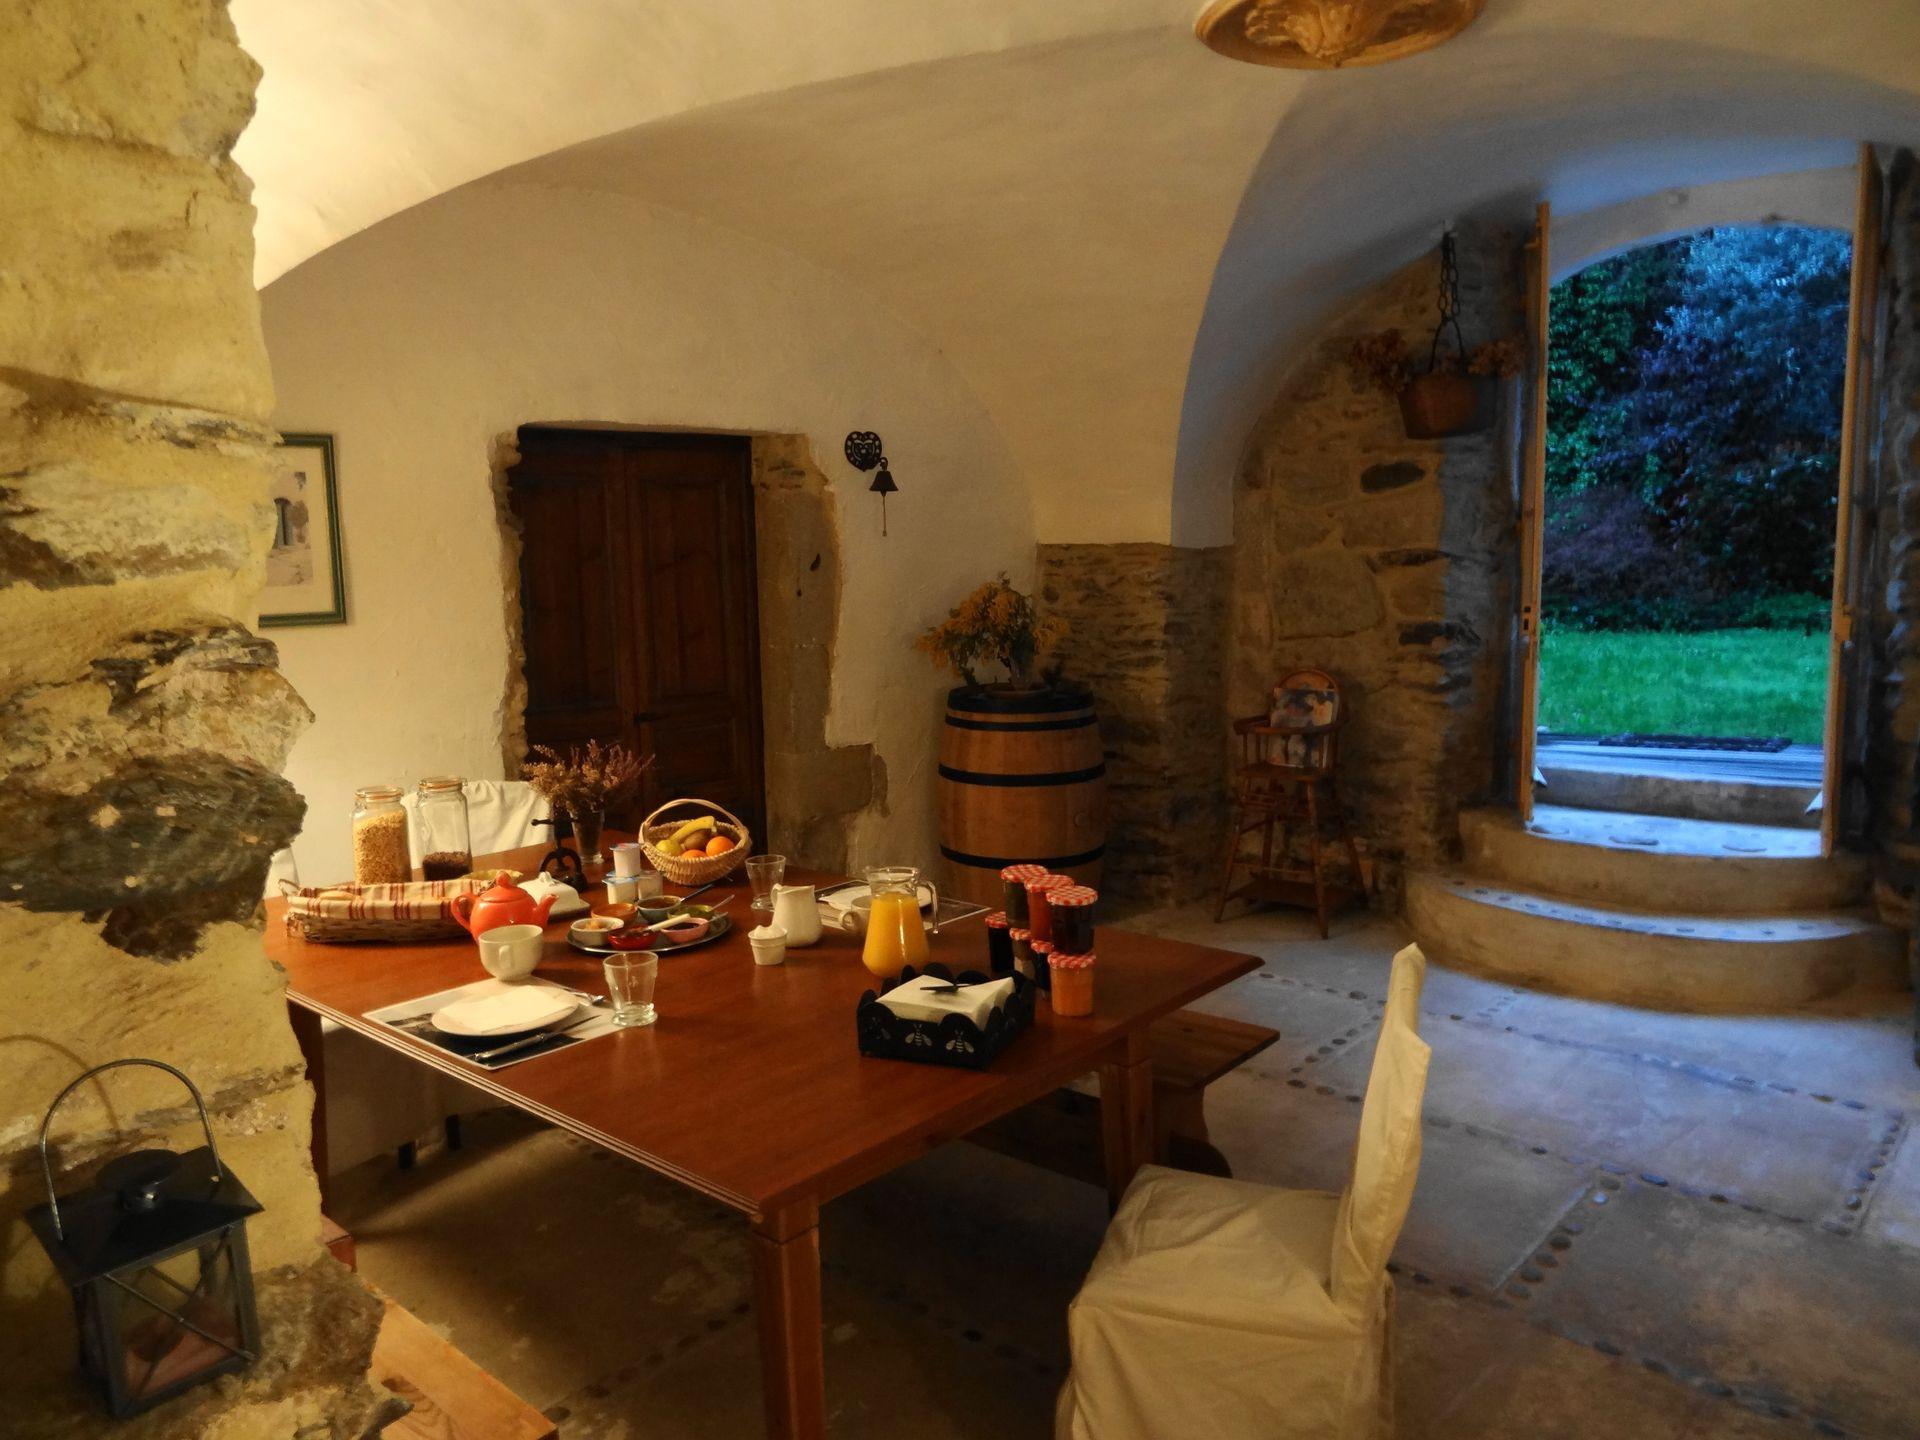 Petit déjeuner à La Maison d'Hôtes au Poujol sur Orb dans le Haut Languedoc